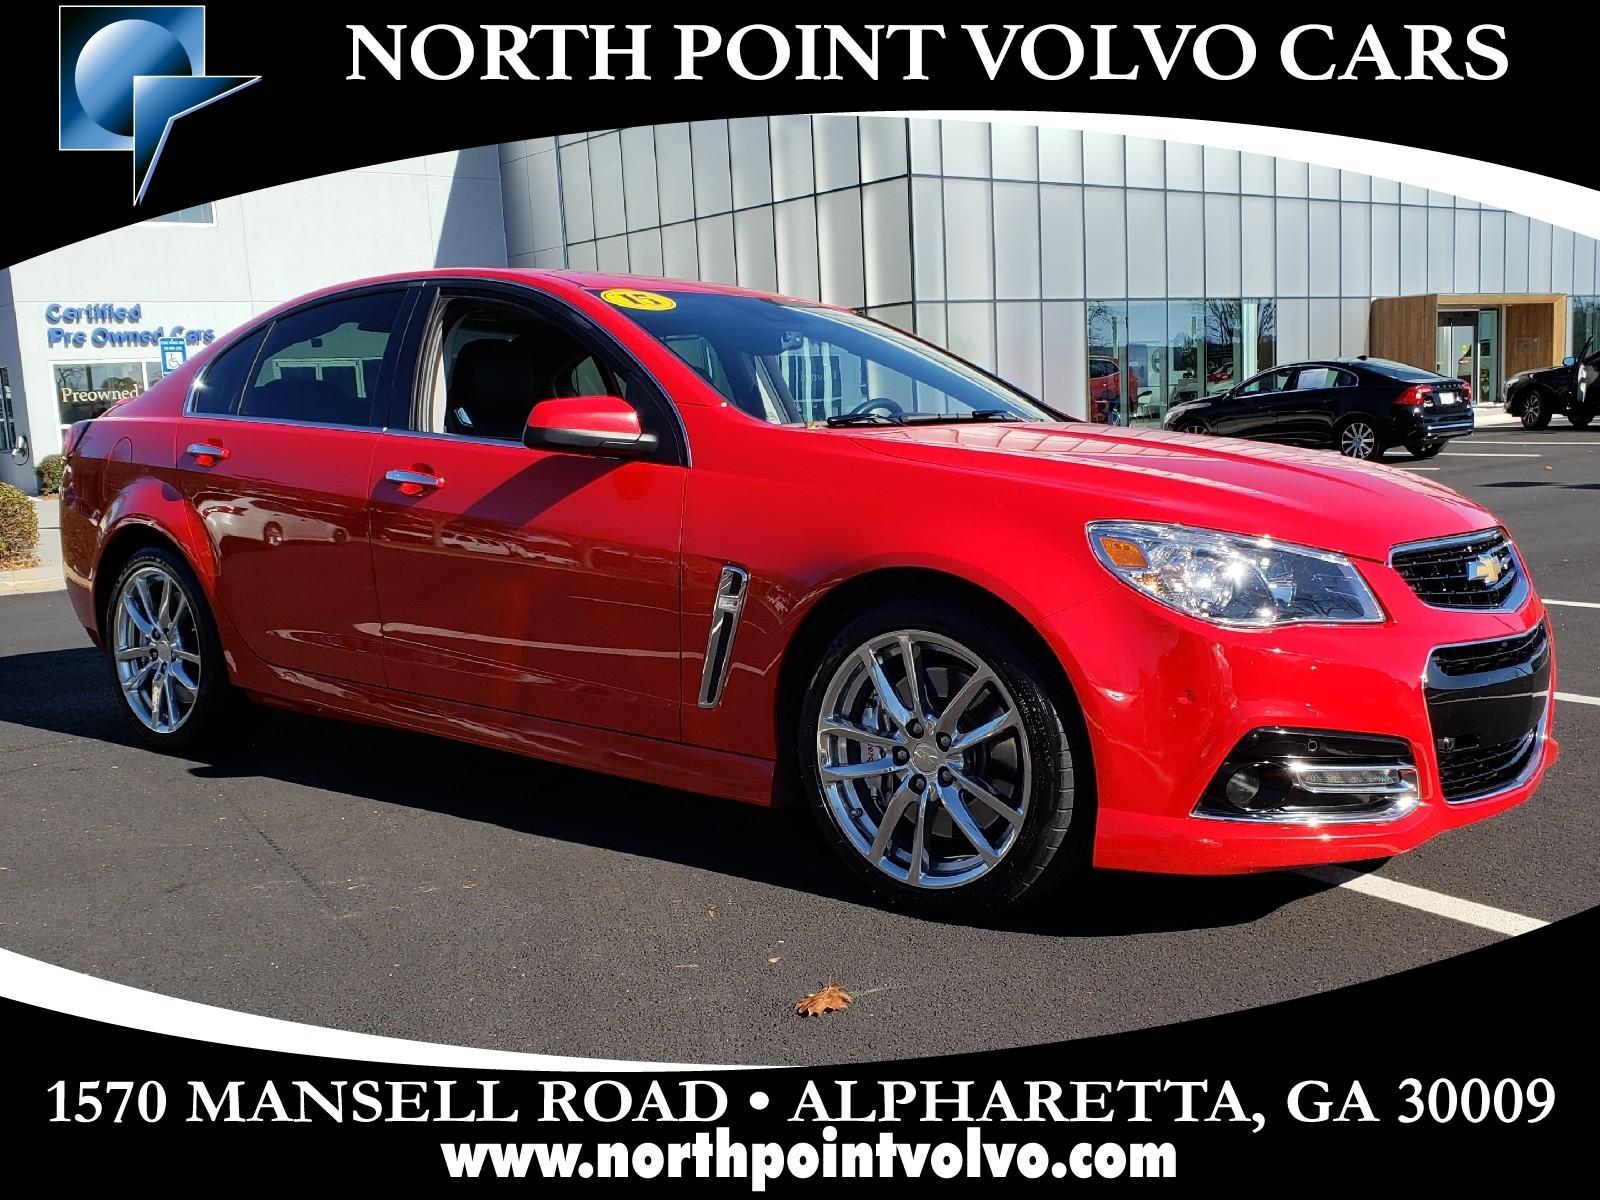 Used 2015 Chevrolet Ss For Sale Near Atlanta In Alpharetta Ga